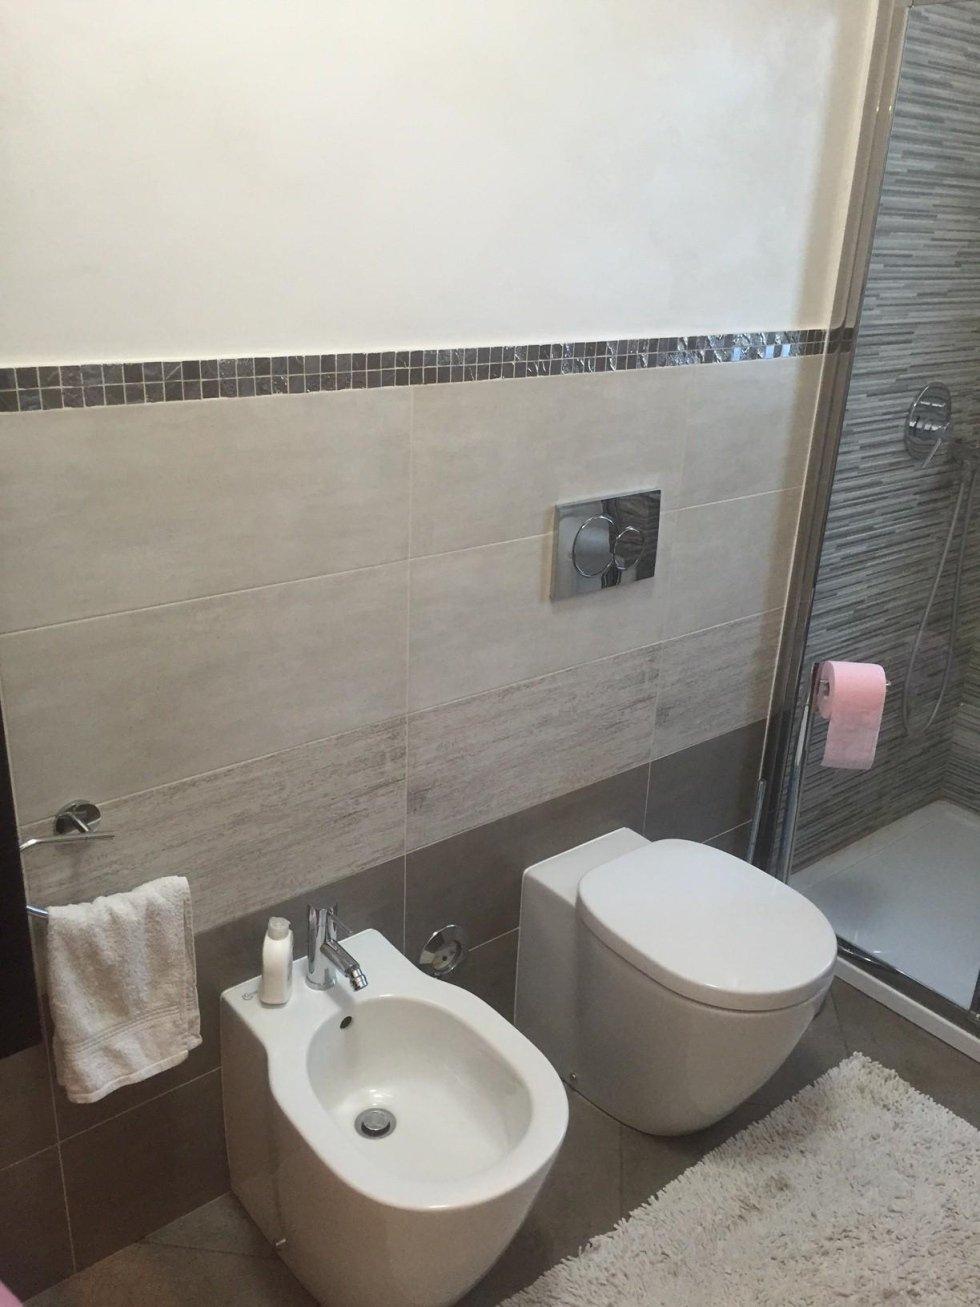 bagno con sanitari box doccia carta igienica e asciugamano vicino al bide